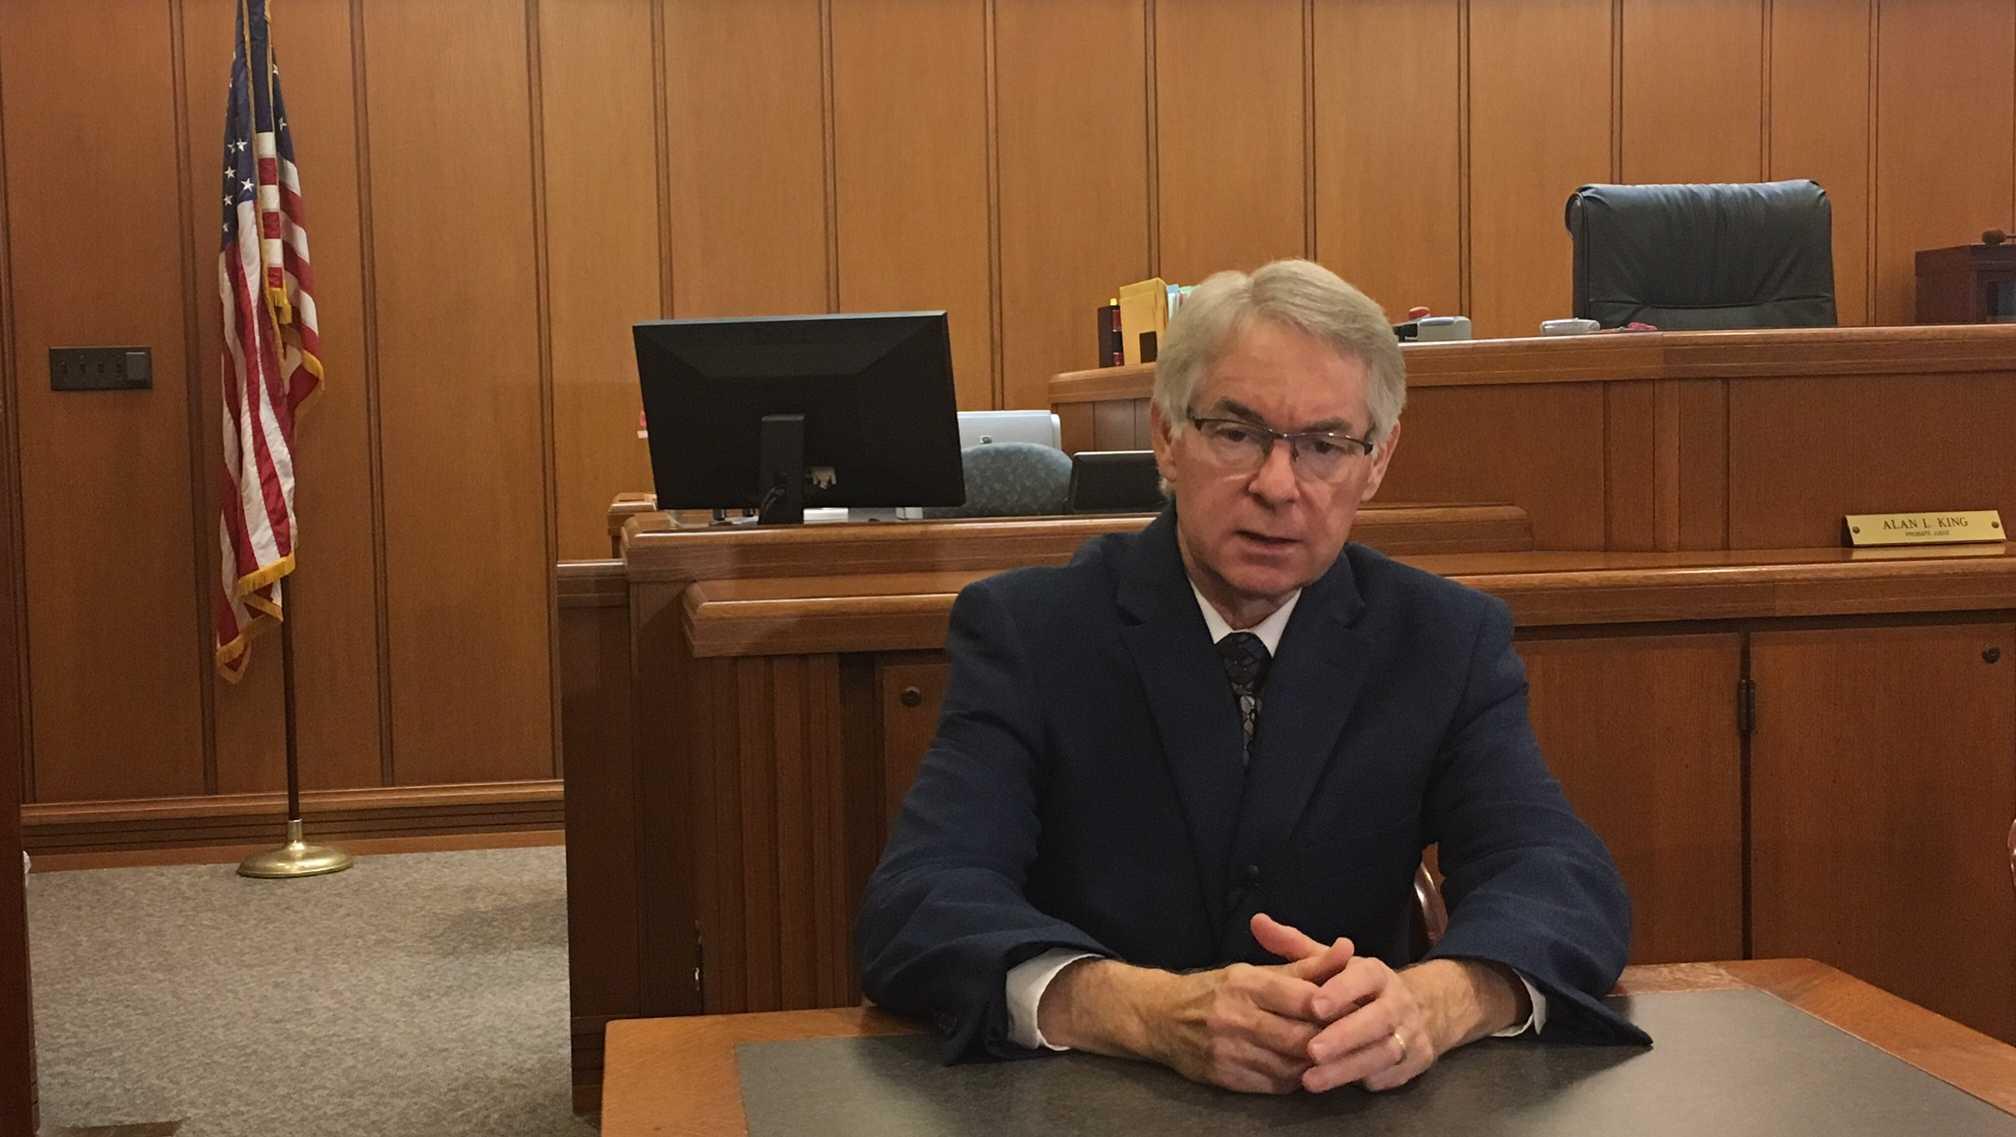 Jefferson County Probate Judge Alan King